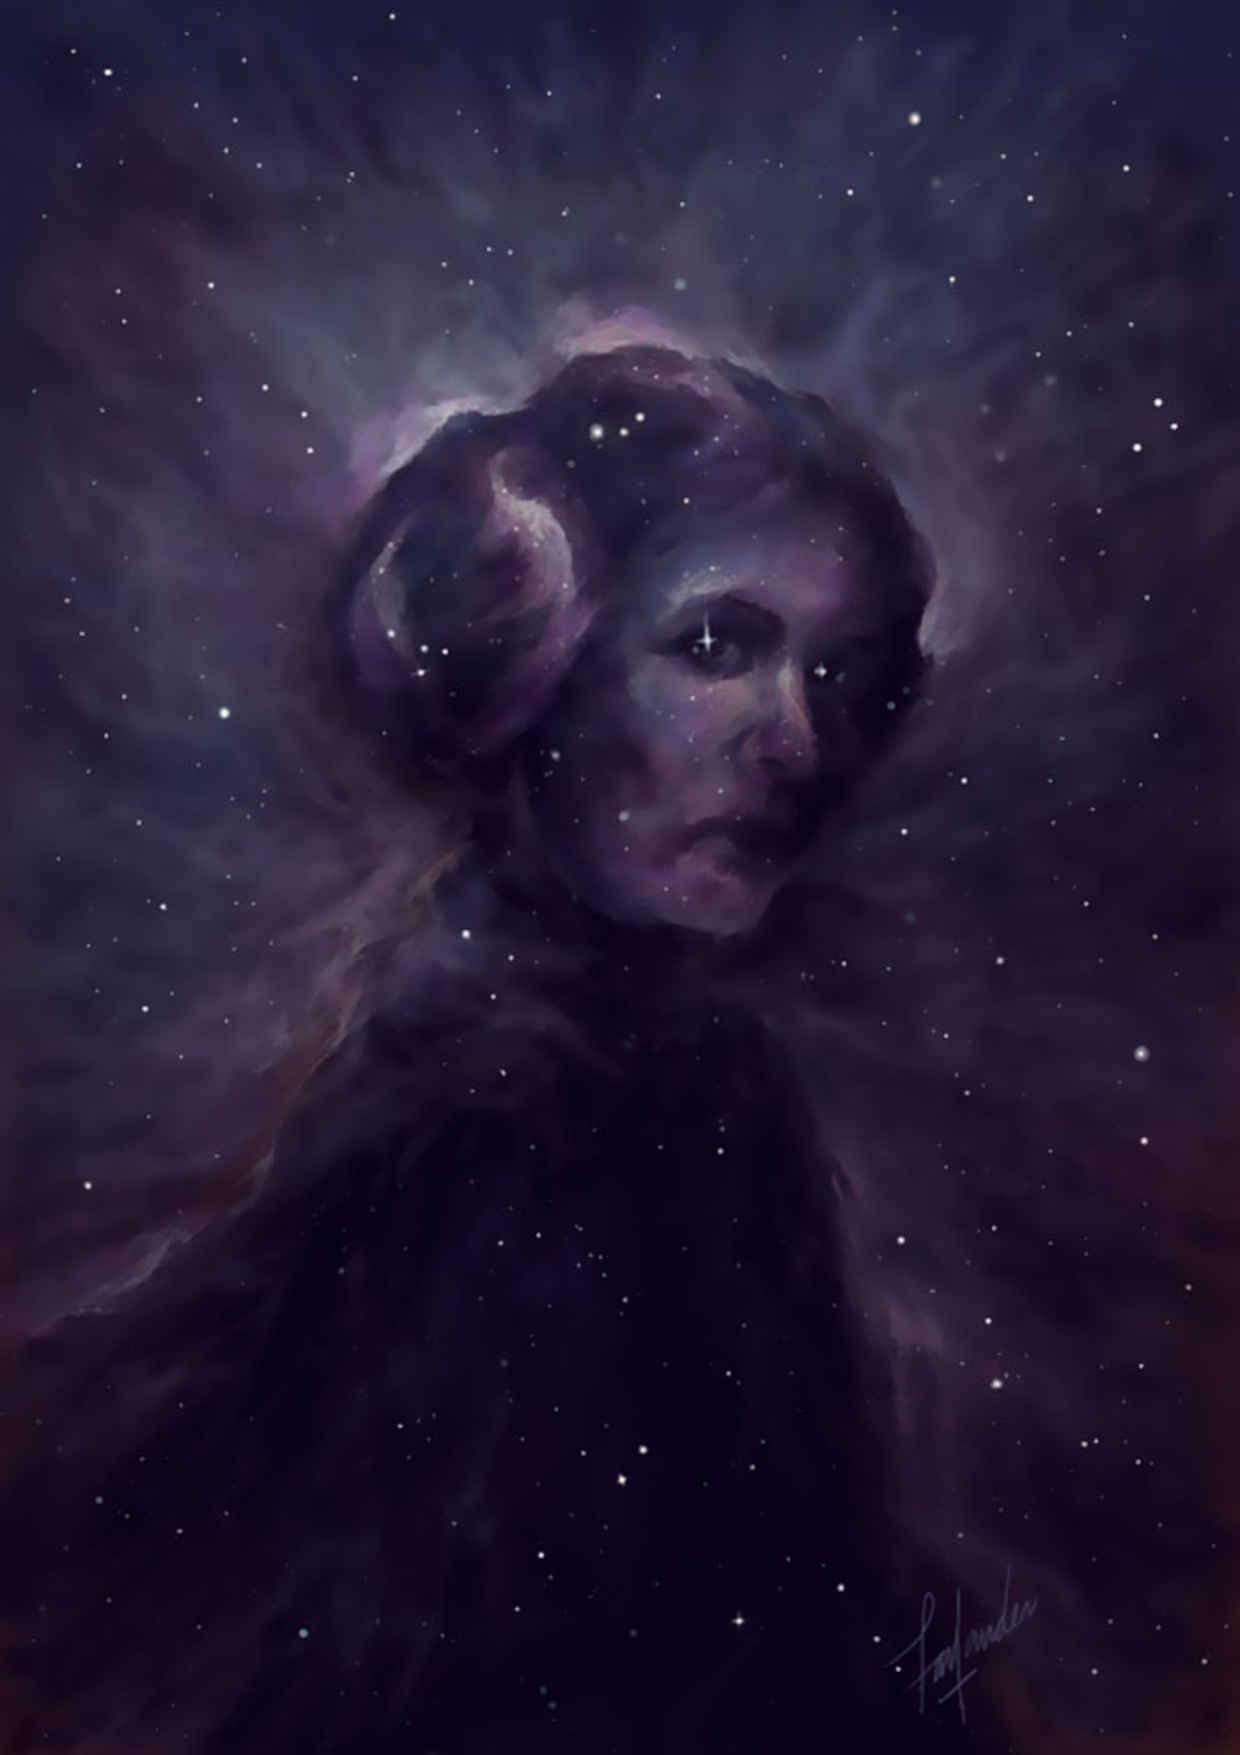 Les hommages en illustrations de Carry Fisher ou Princesse Leia dans StarWars 10